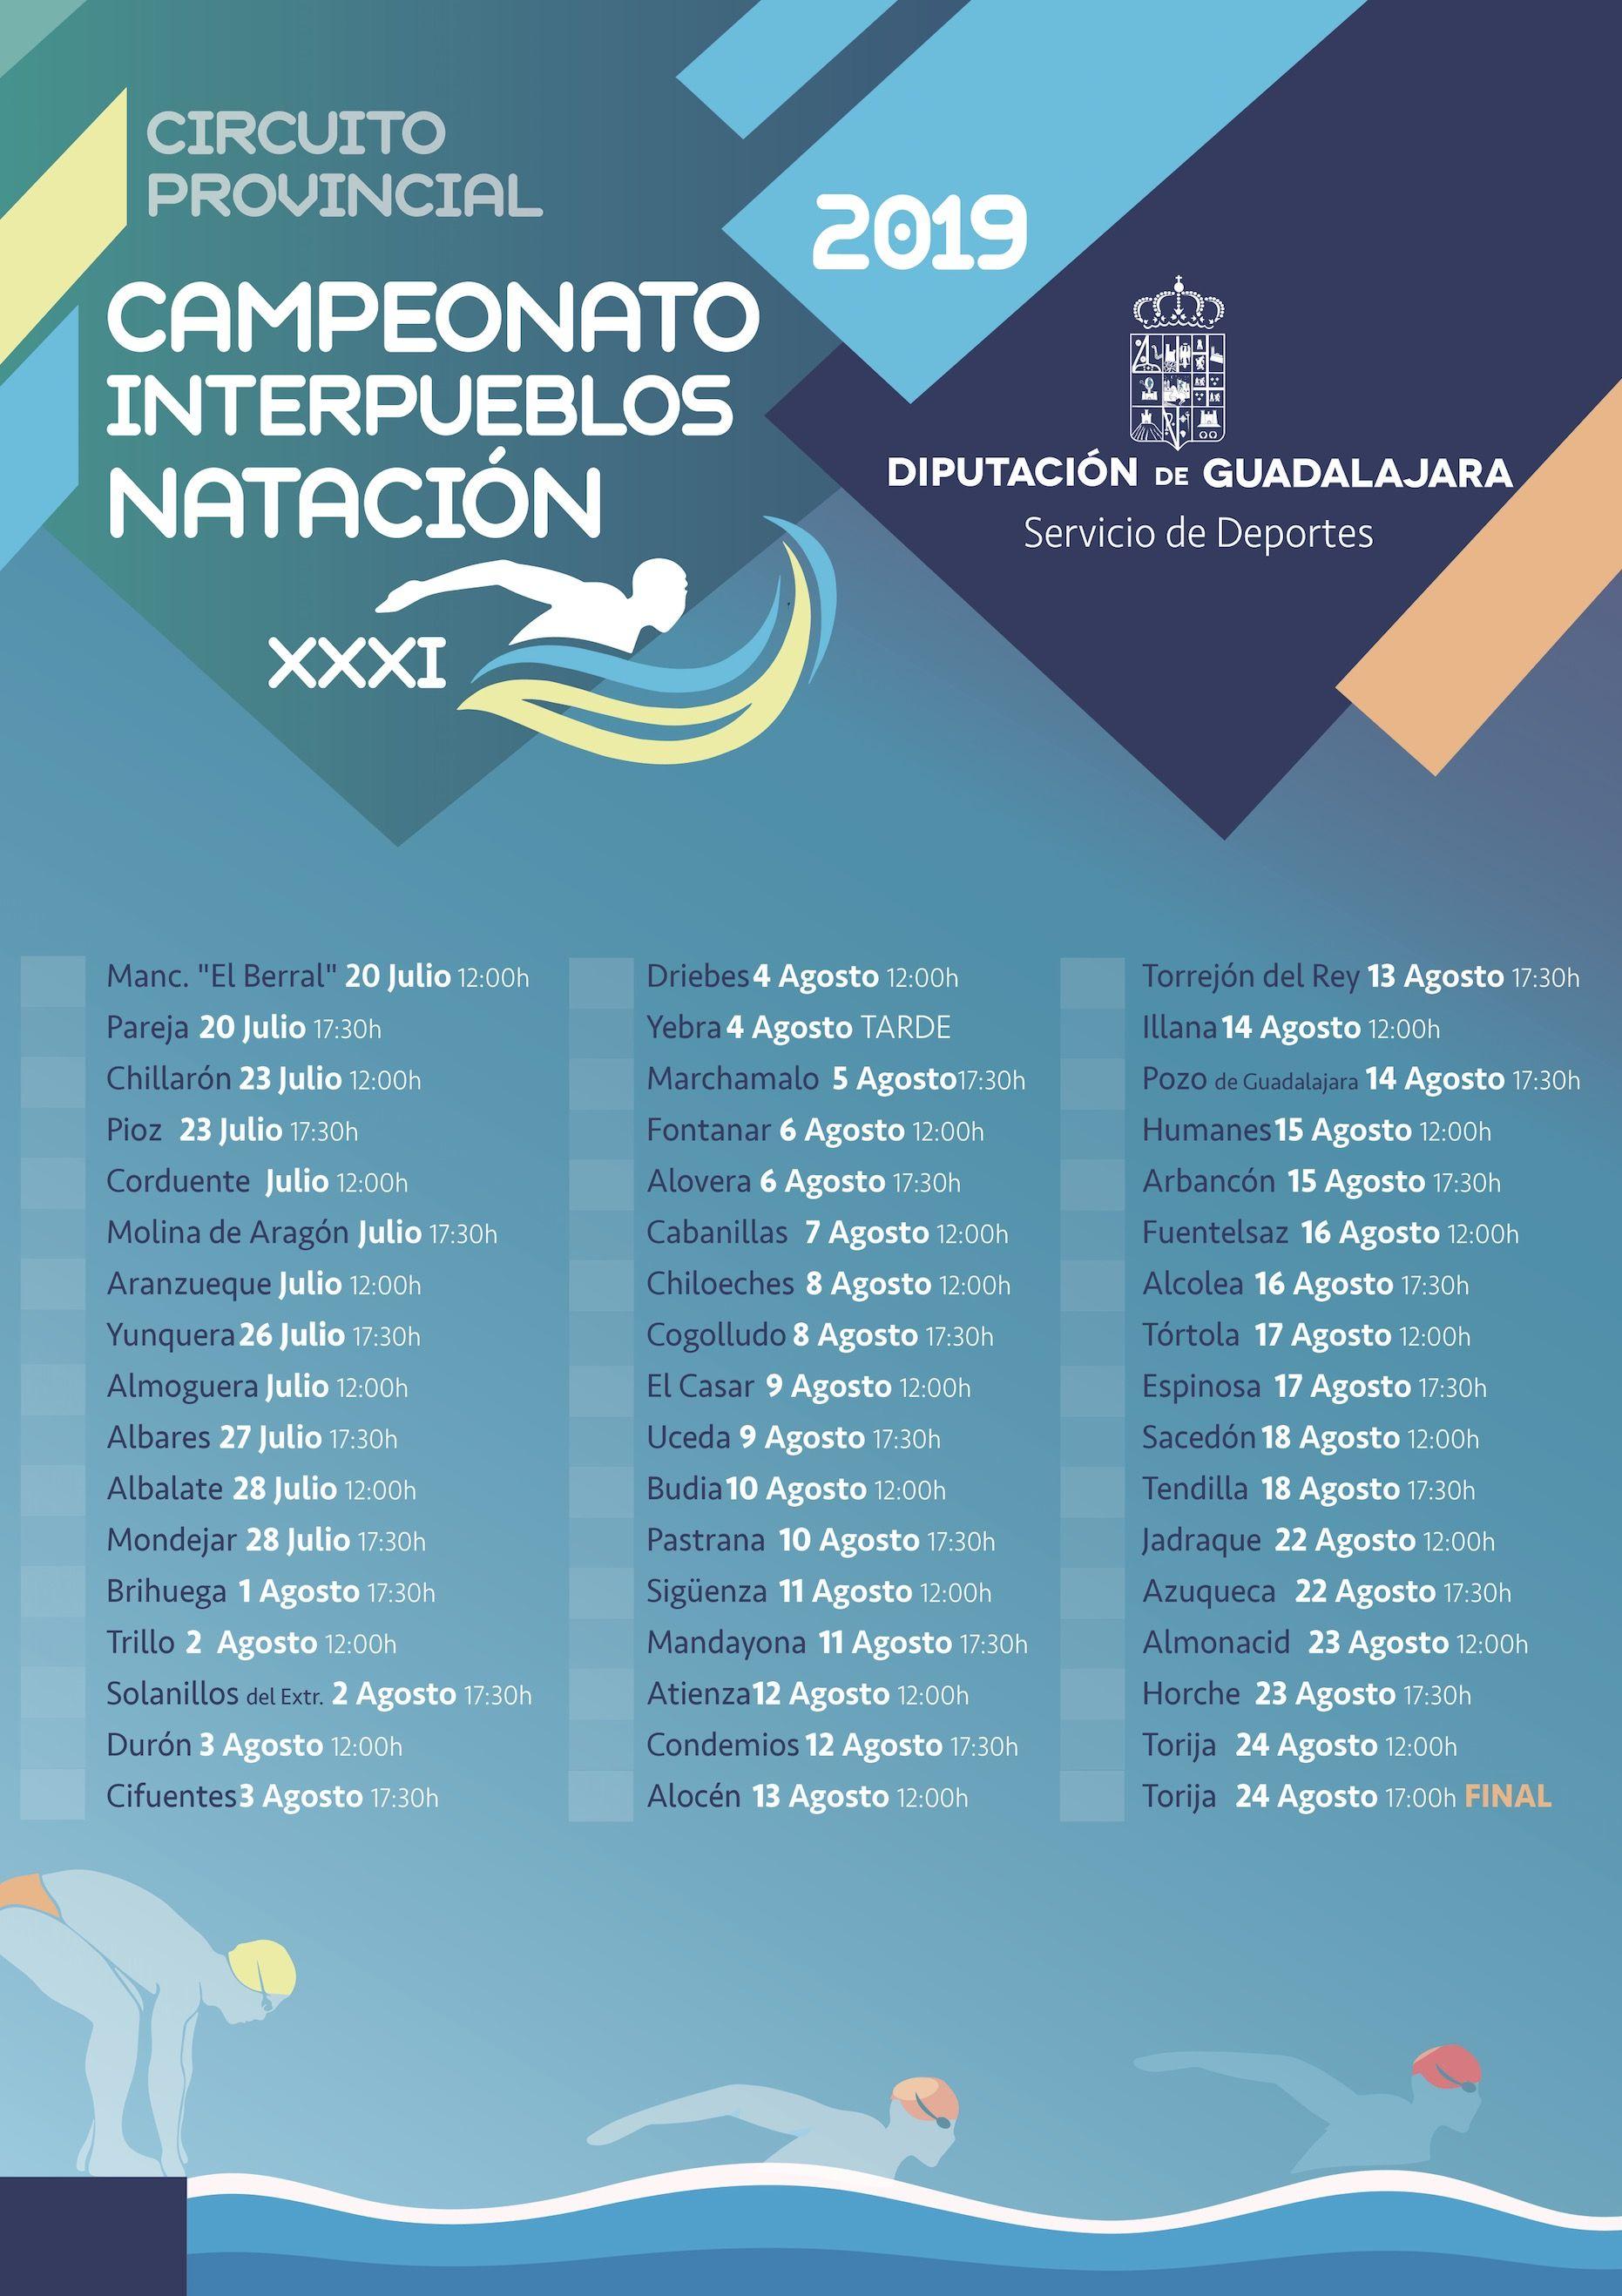 El Campeonato Interpueblos de Natación llegará este año a cincuenta municipios